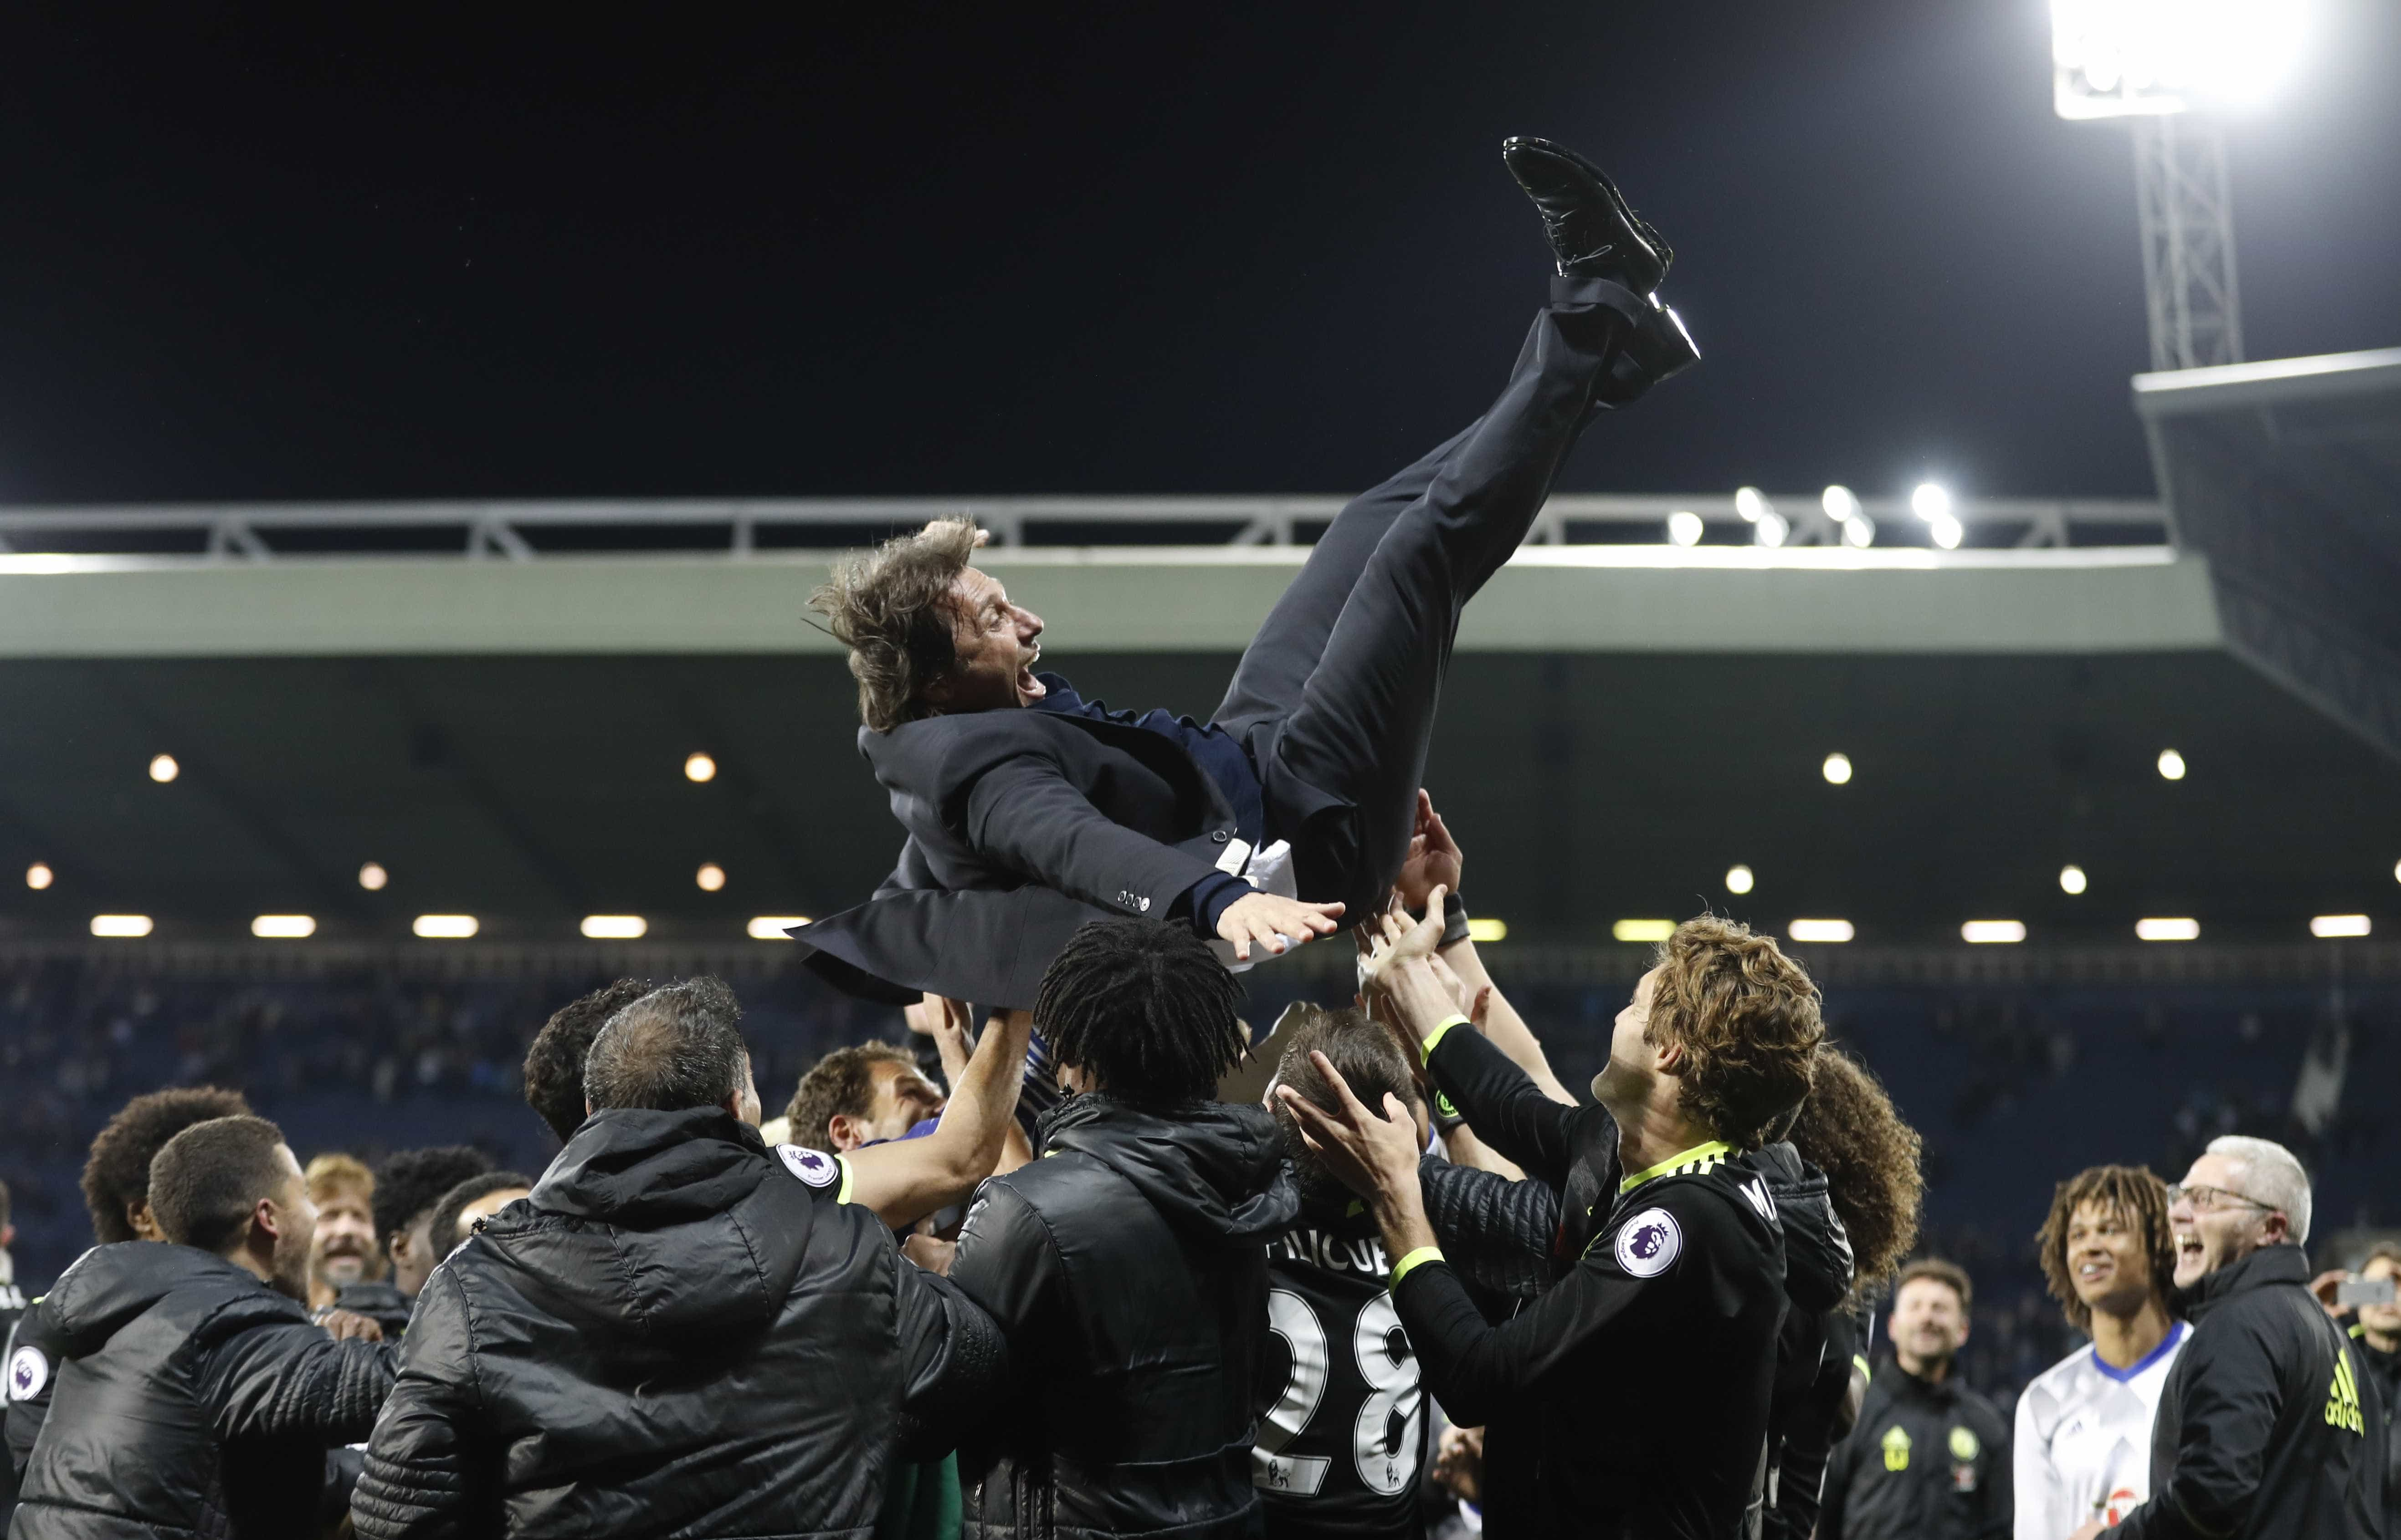 Chelsea vence West Bromwich e conquista Premier League